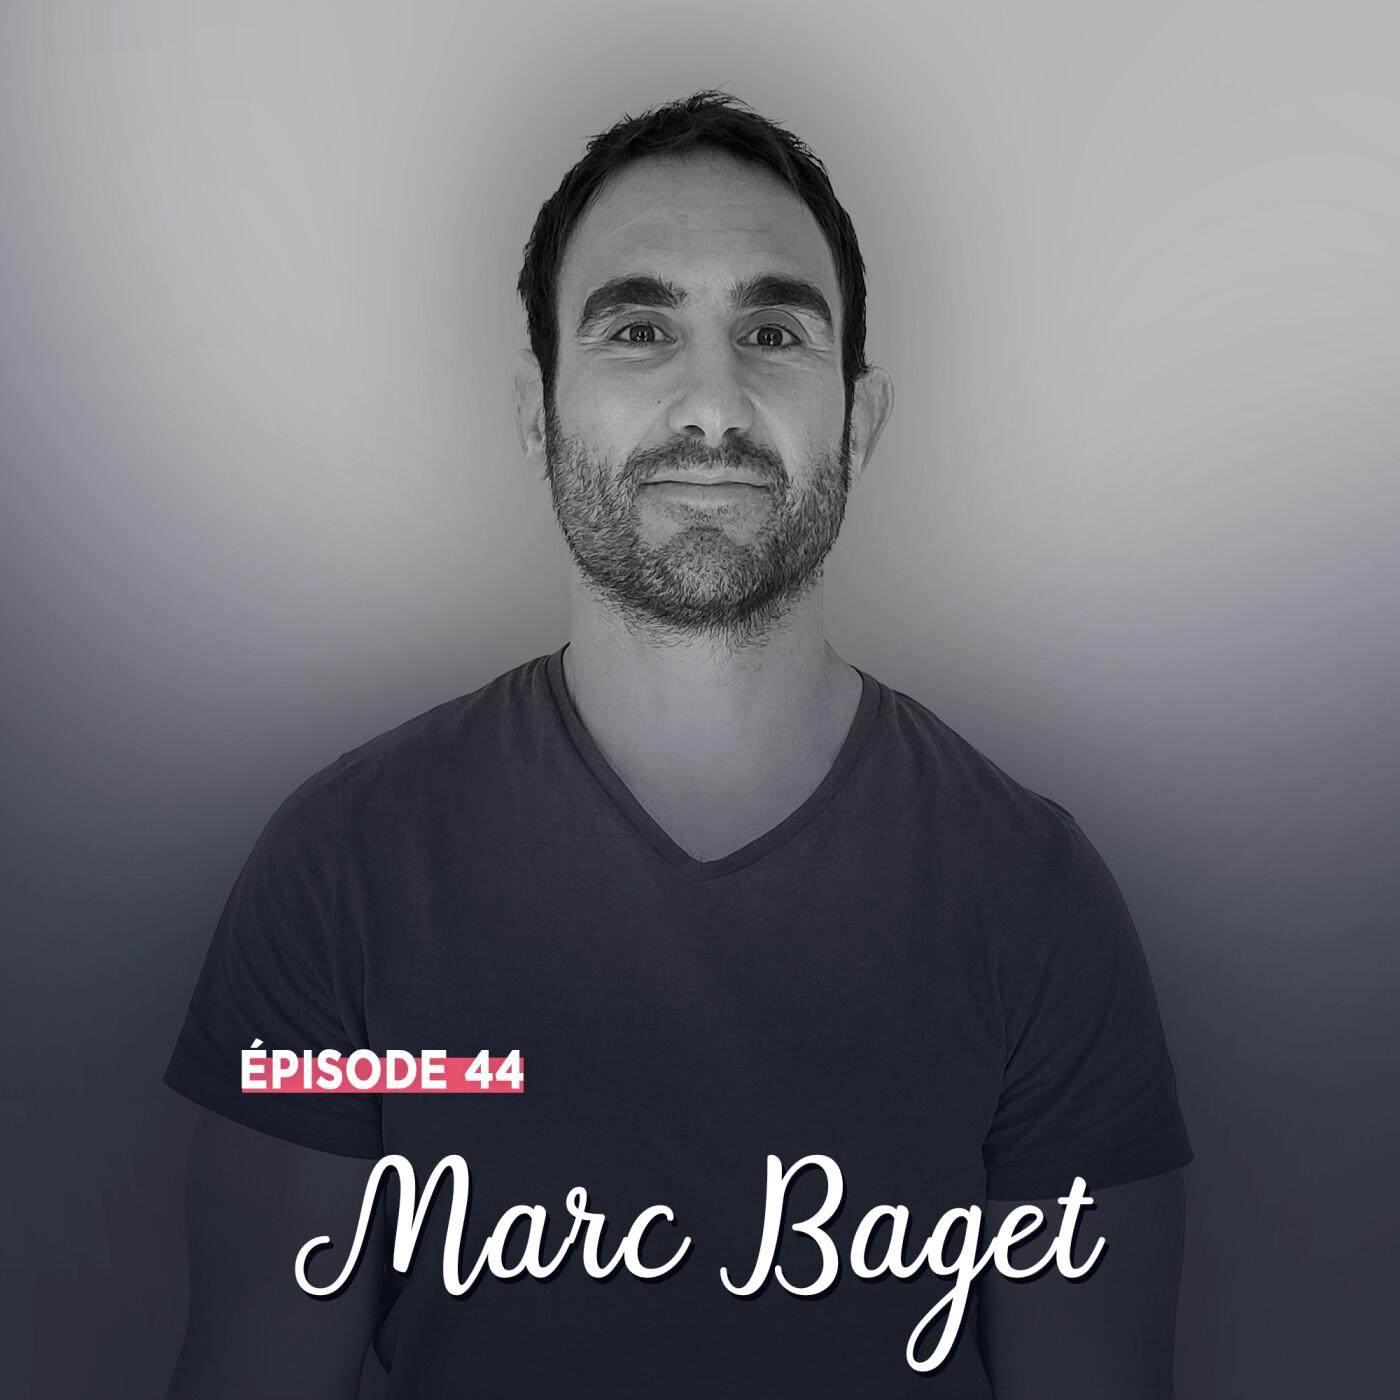 #44 - Marc Baget, force et convictions - L'importance de l'Humain